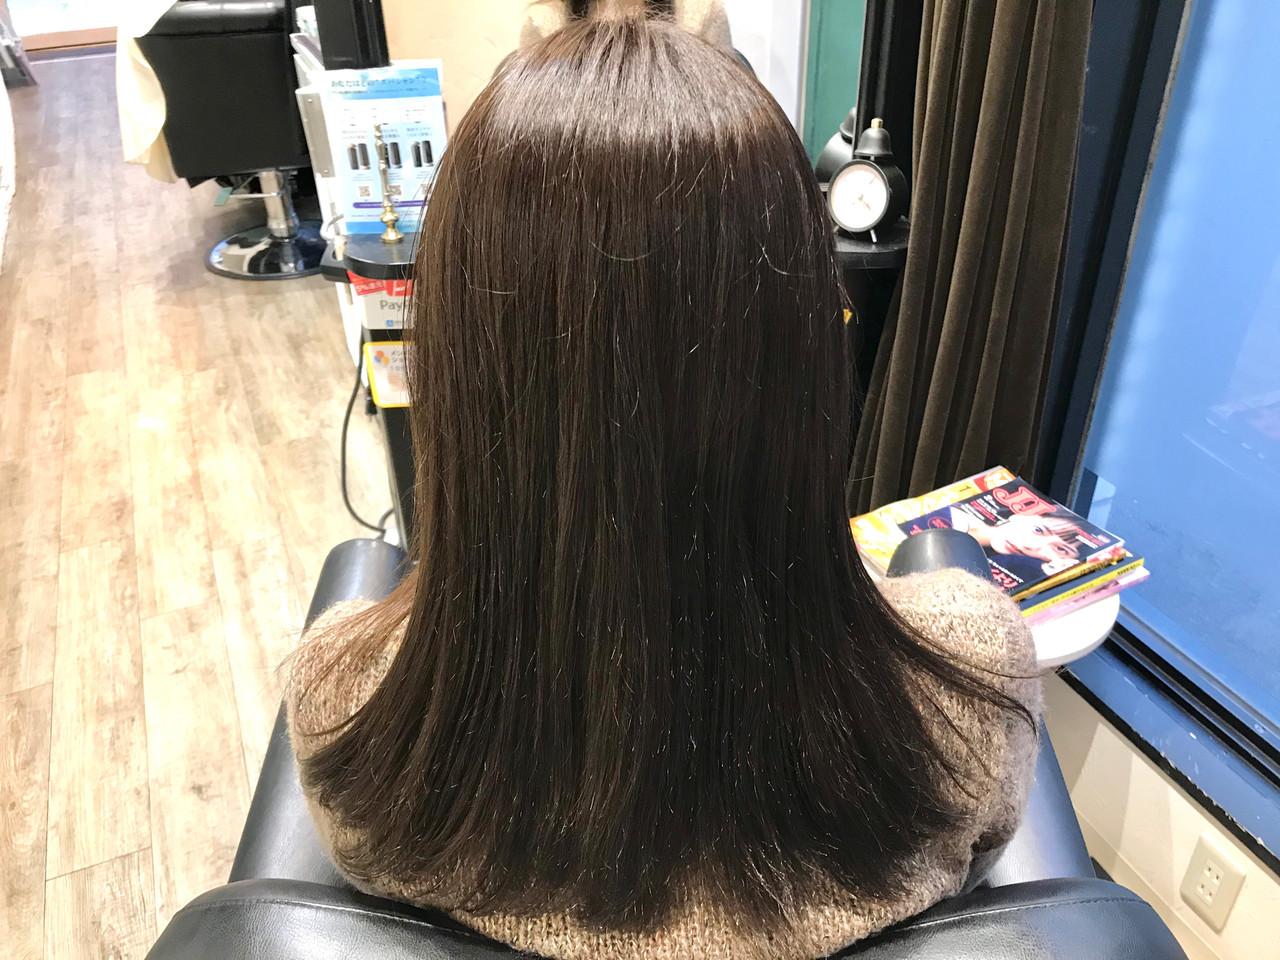 ダークグレー ナチュラル アッシュ グレージュ ヘアスタイルや髪型の写真・画像 | 小川宏人 / 花鳥風月TOTAL BEAUTY